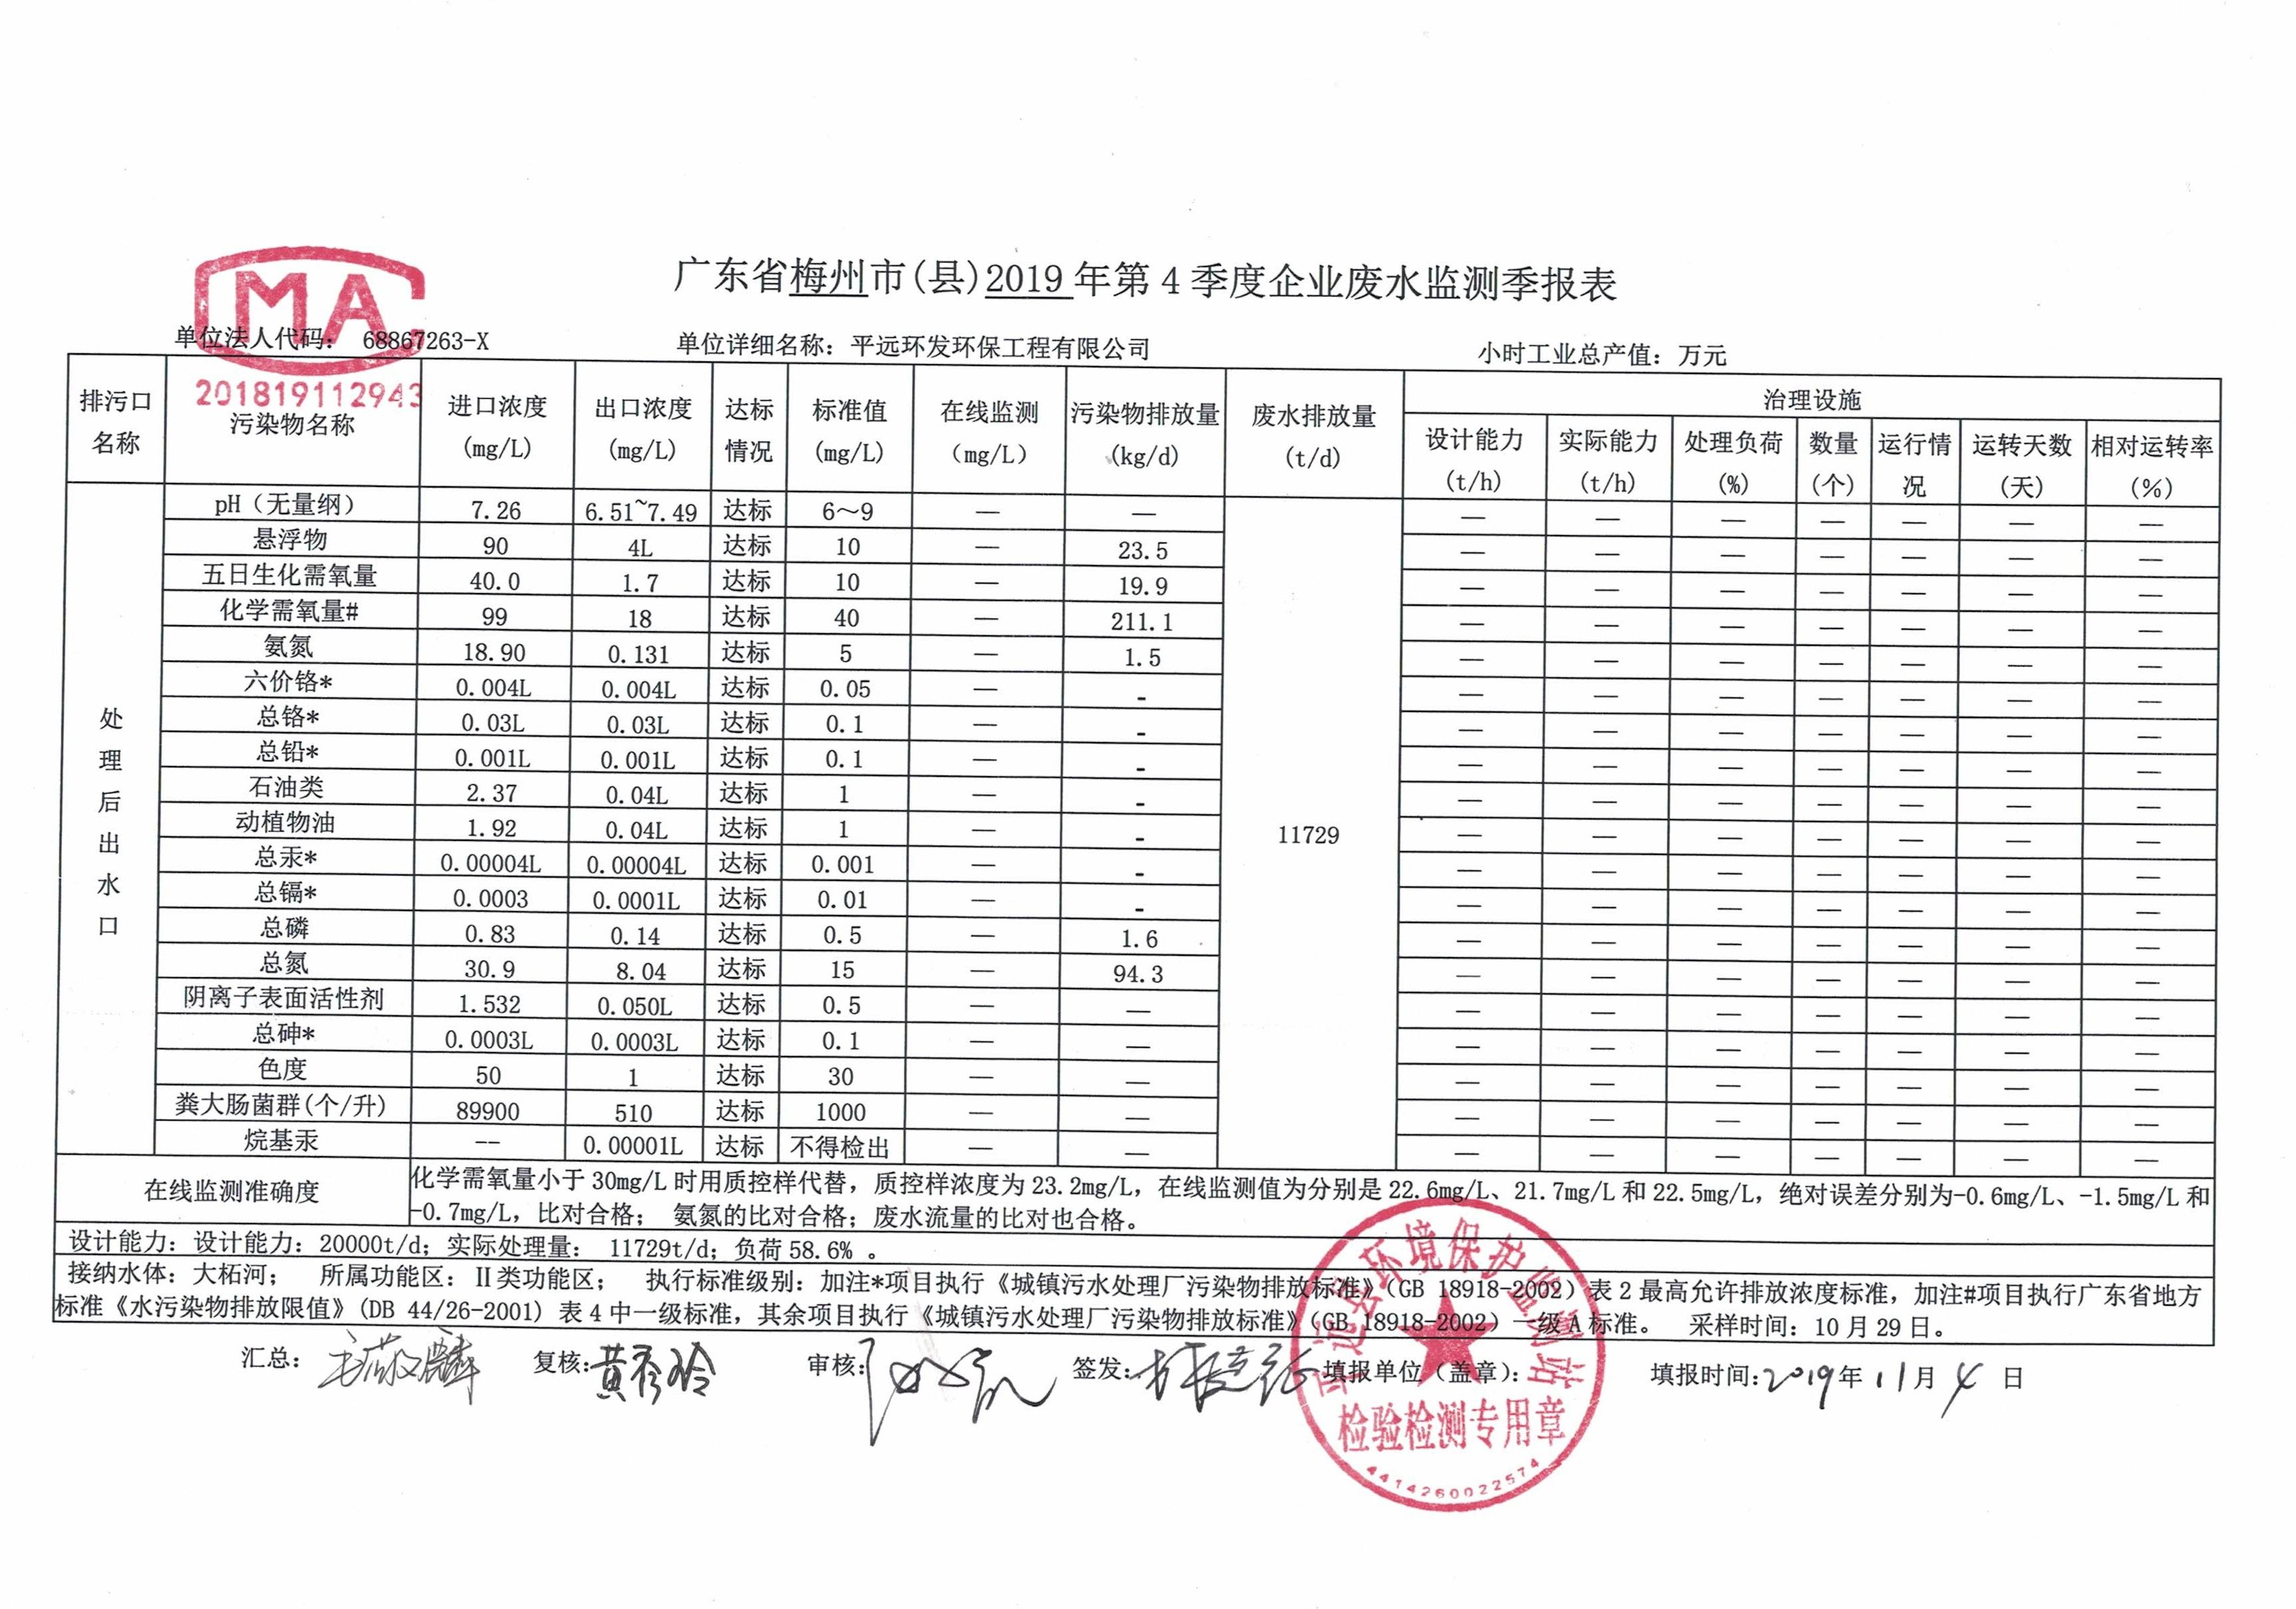 平远县污水处理厂2019年第4季度季报.jpg